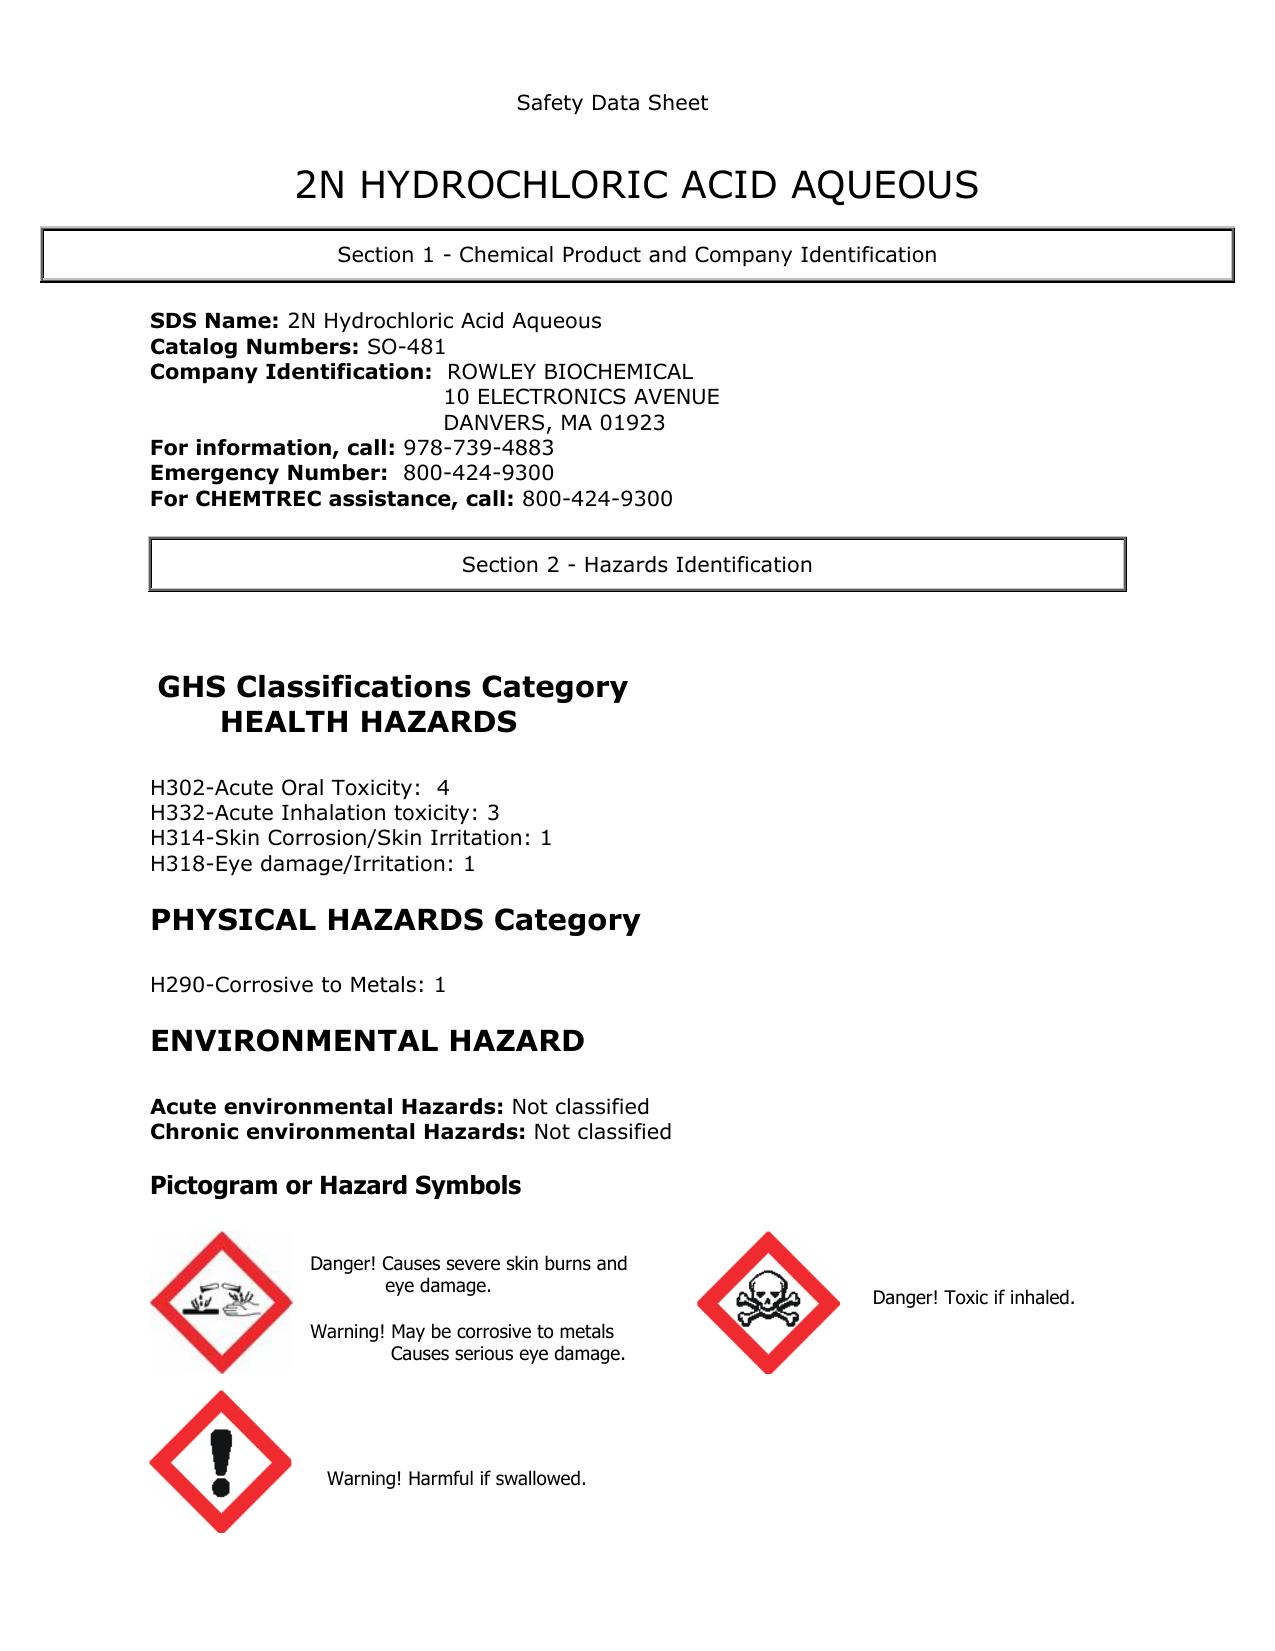 2n Hydrochloric Acid Aq So 481